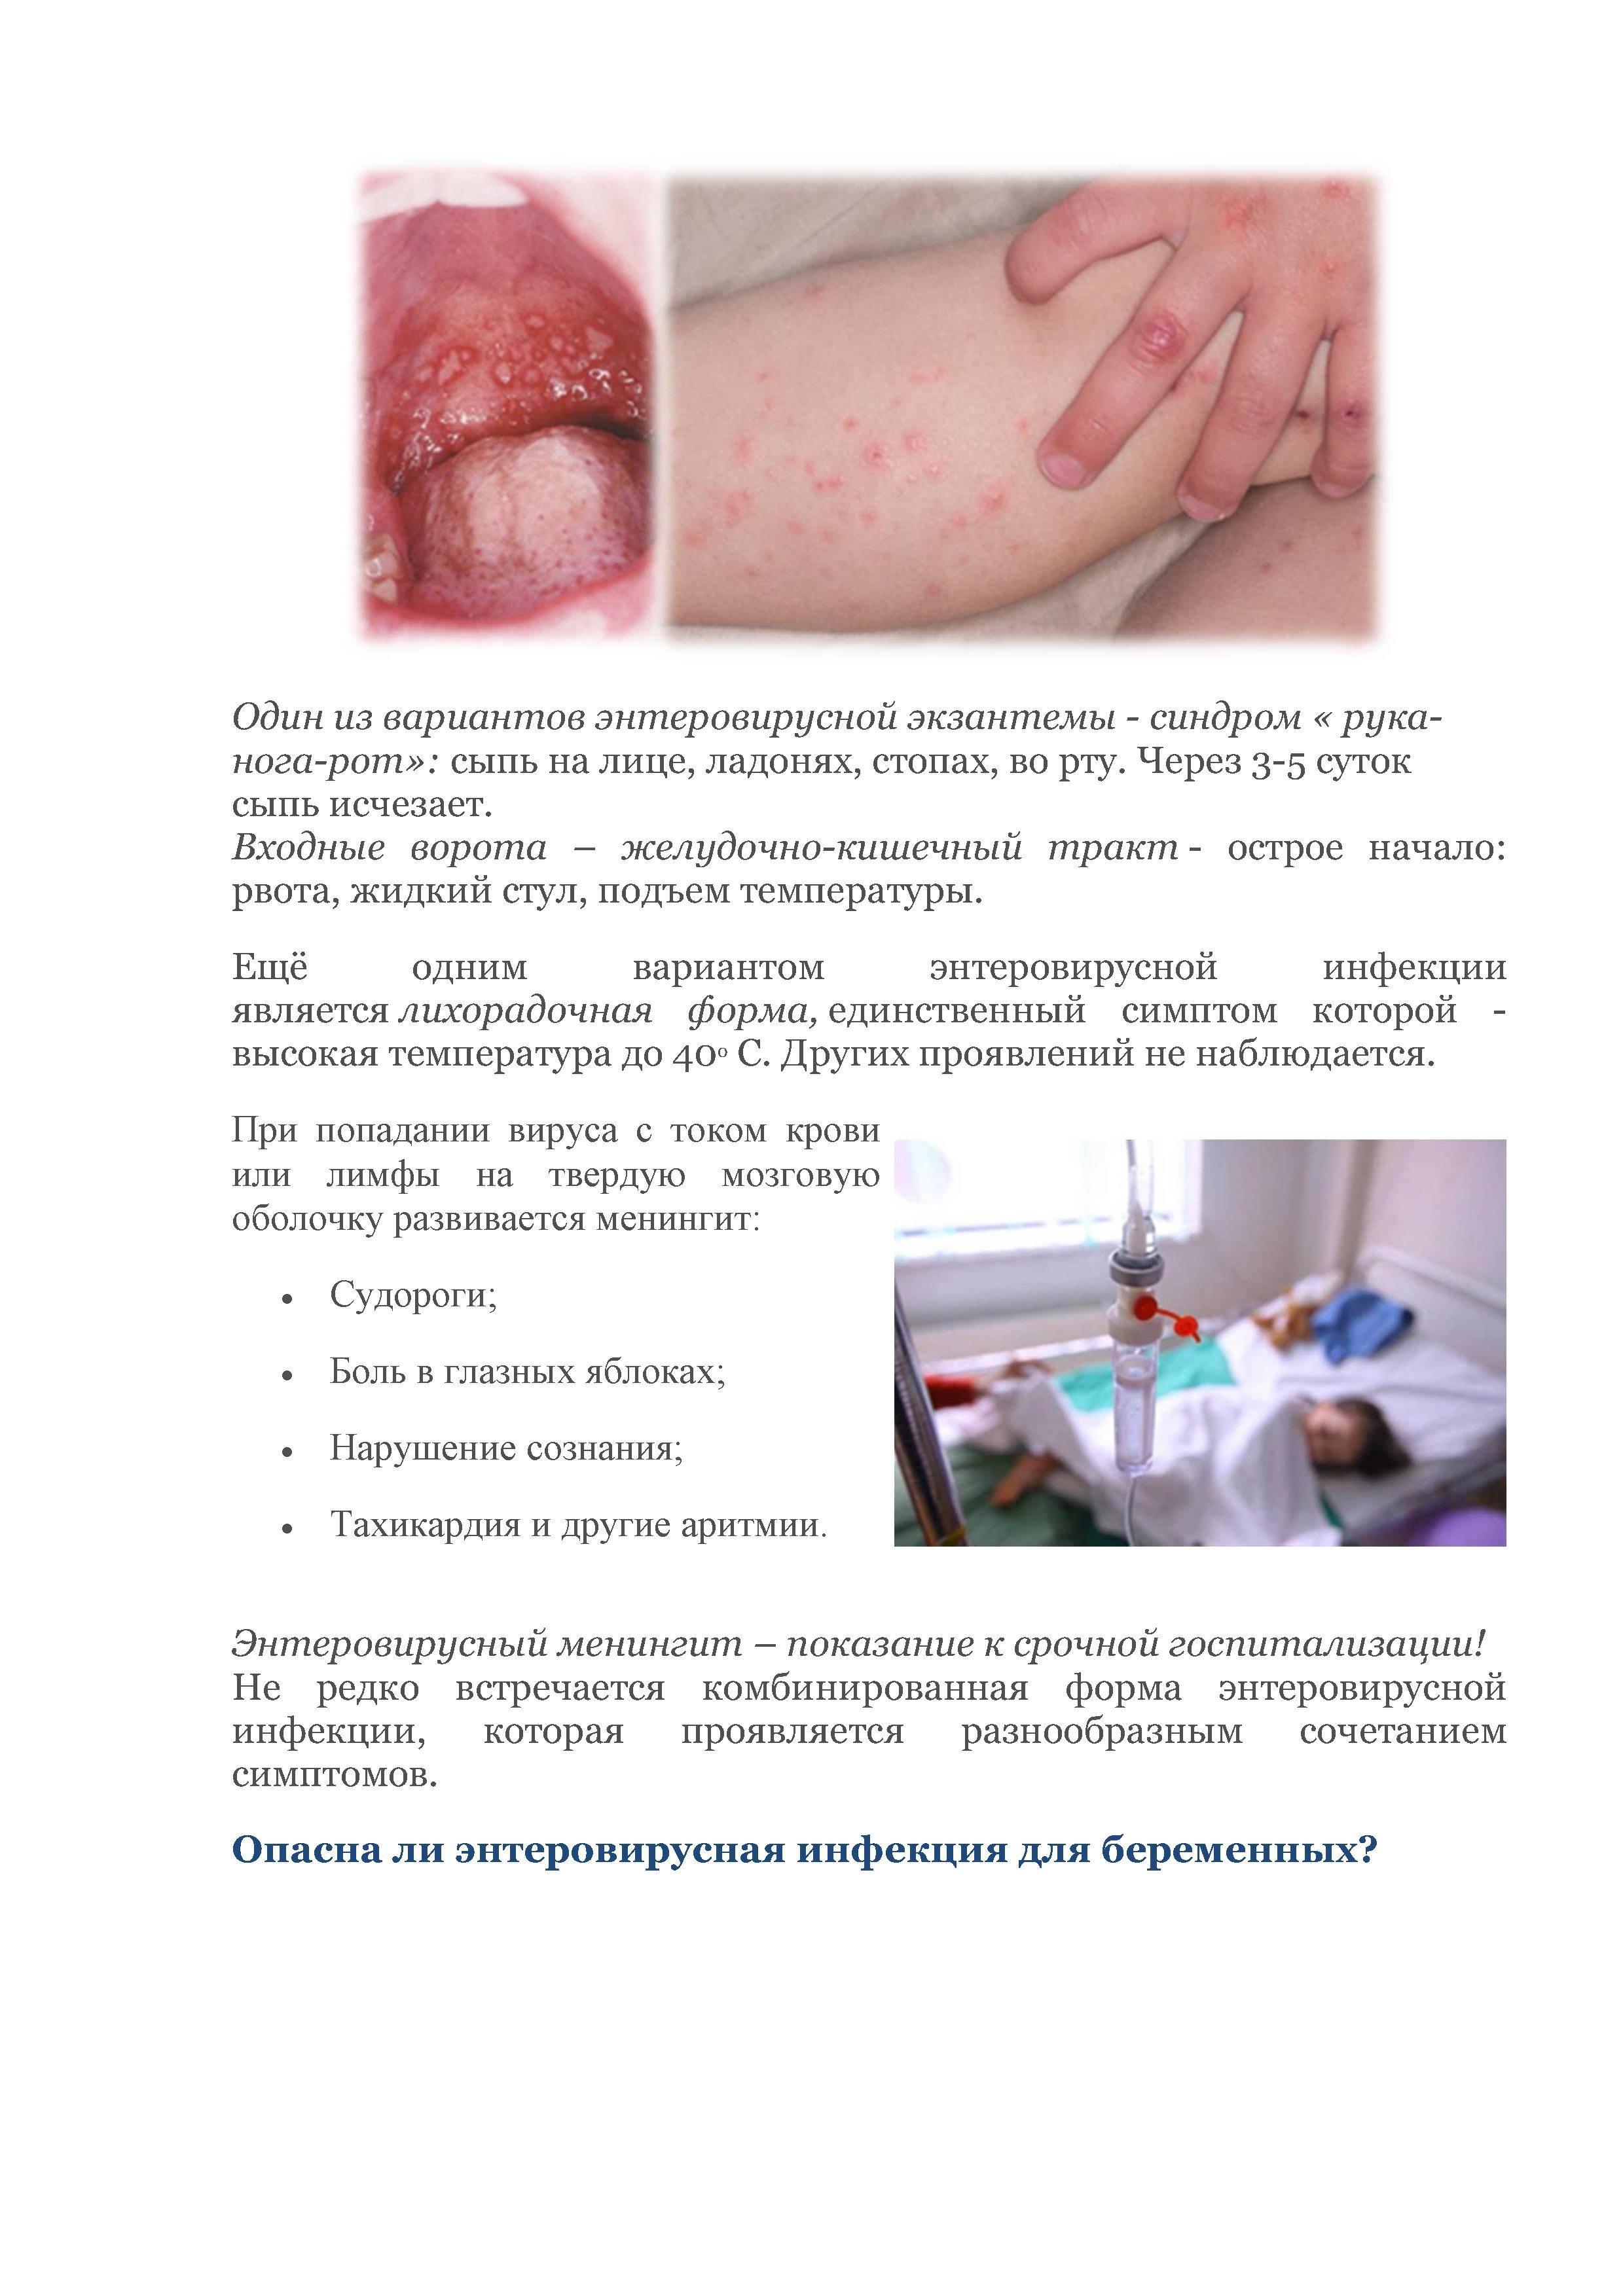 Стоматит: как лечить, виды и лечение